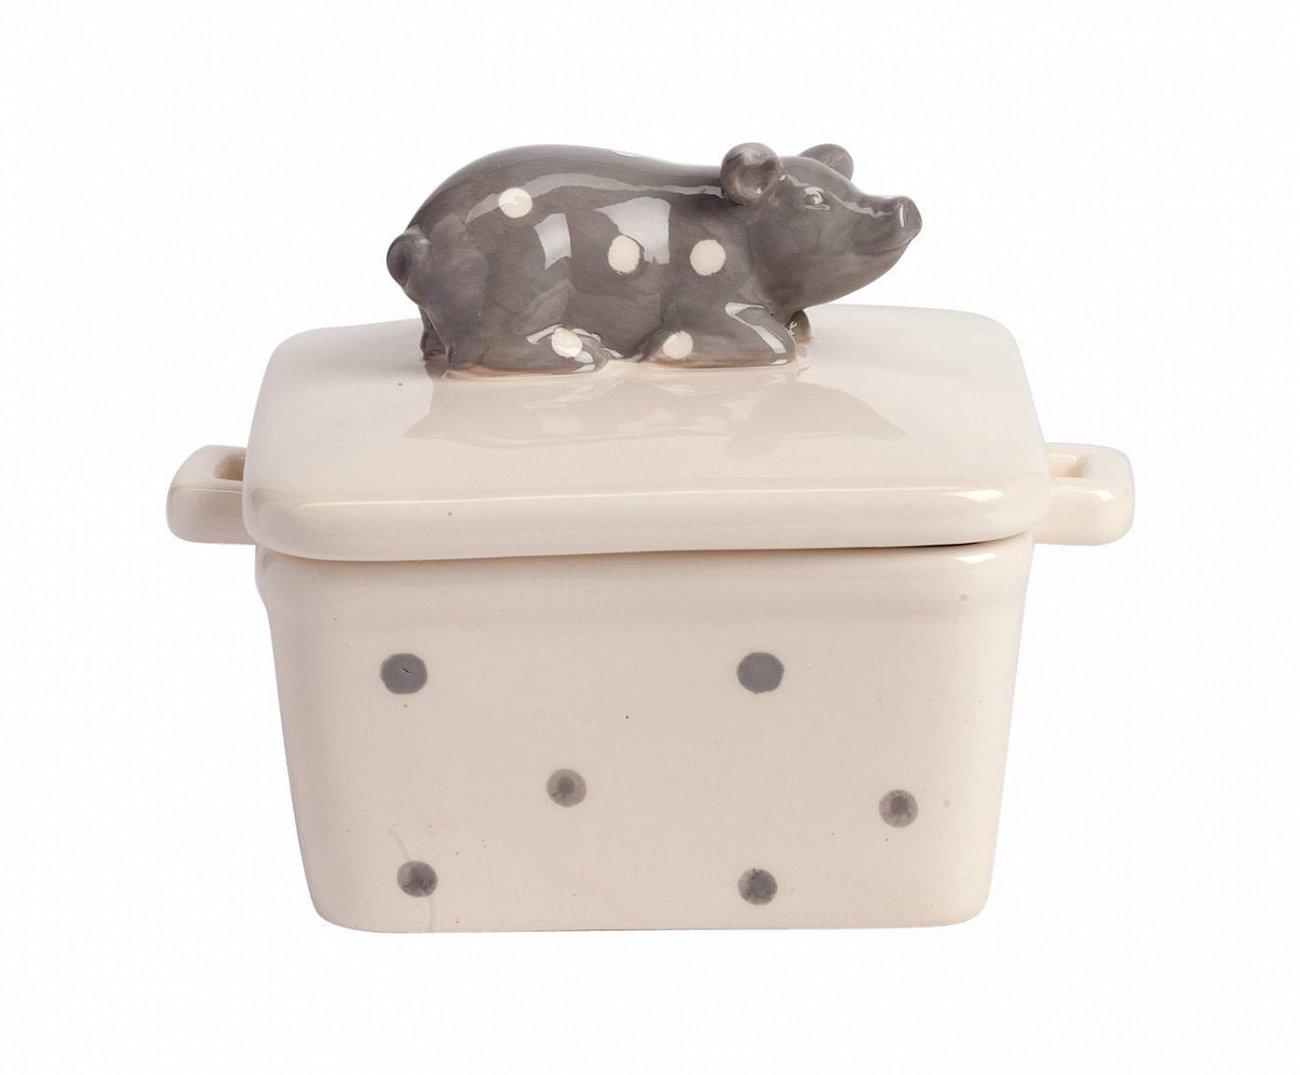 Купить Емкость для хранения с крышкой Dot Pig в интернет магазине дизайнерской мебели и аксессуаров для дома и дачи